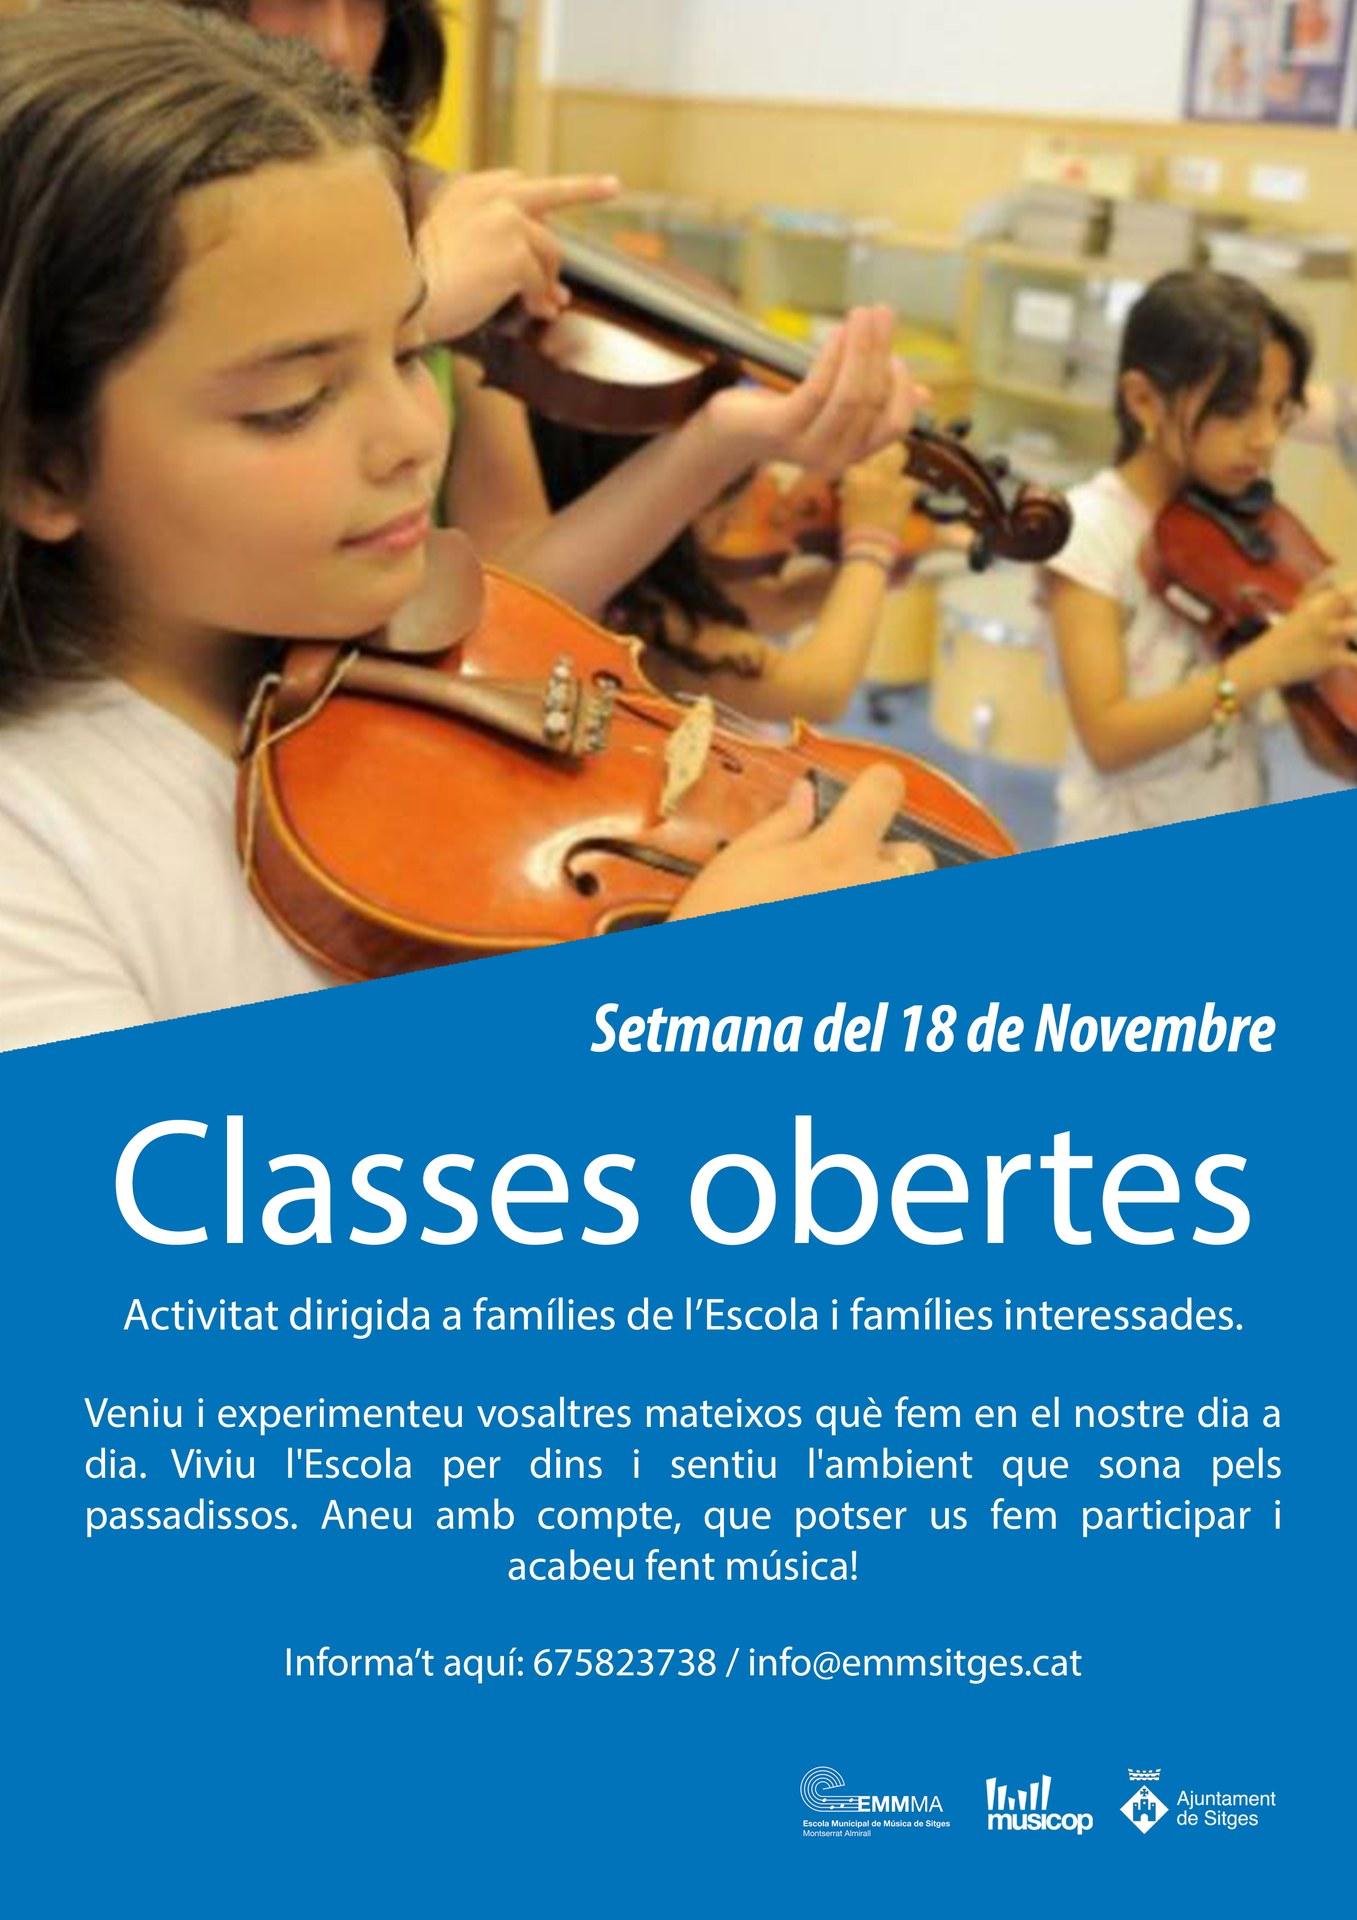 Classes obertes a l'Escola Municipal de Música de Sitges